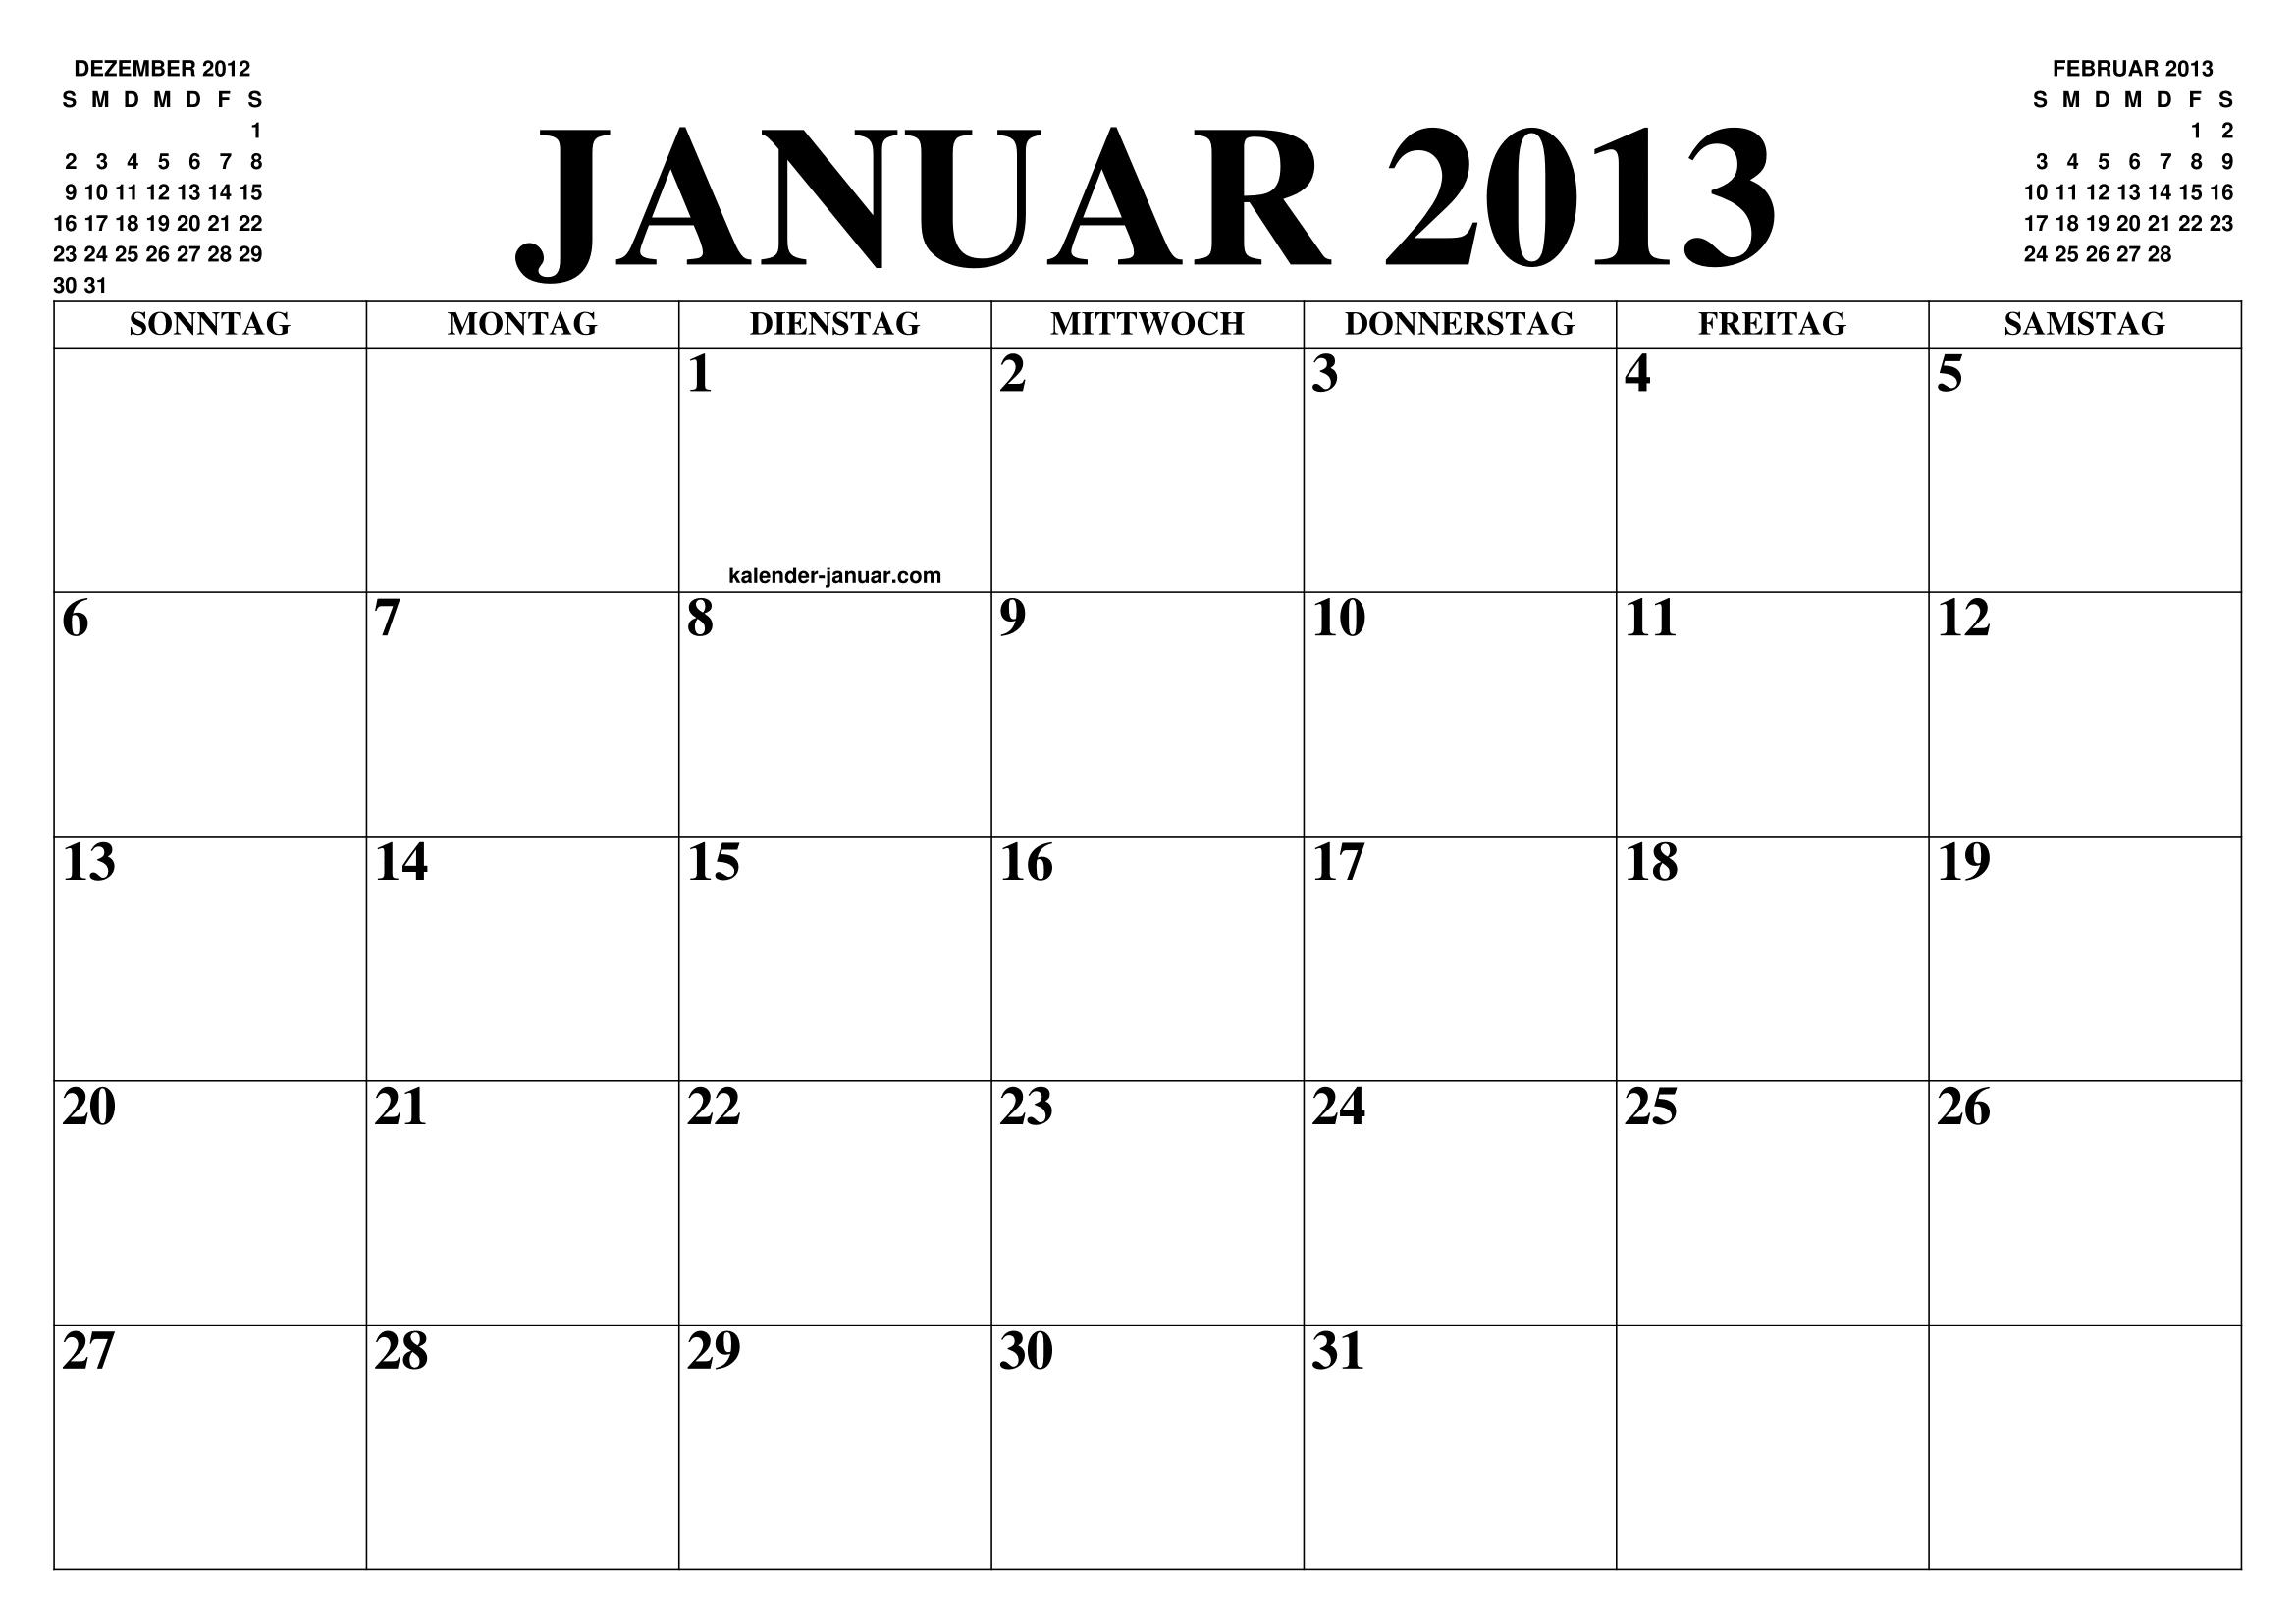 kalender januar 2013 januar kalender zum ausdrucken gratis monat und jahr agenda. Black Bedroom Furniture Sets. Home Design Ideas